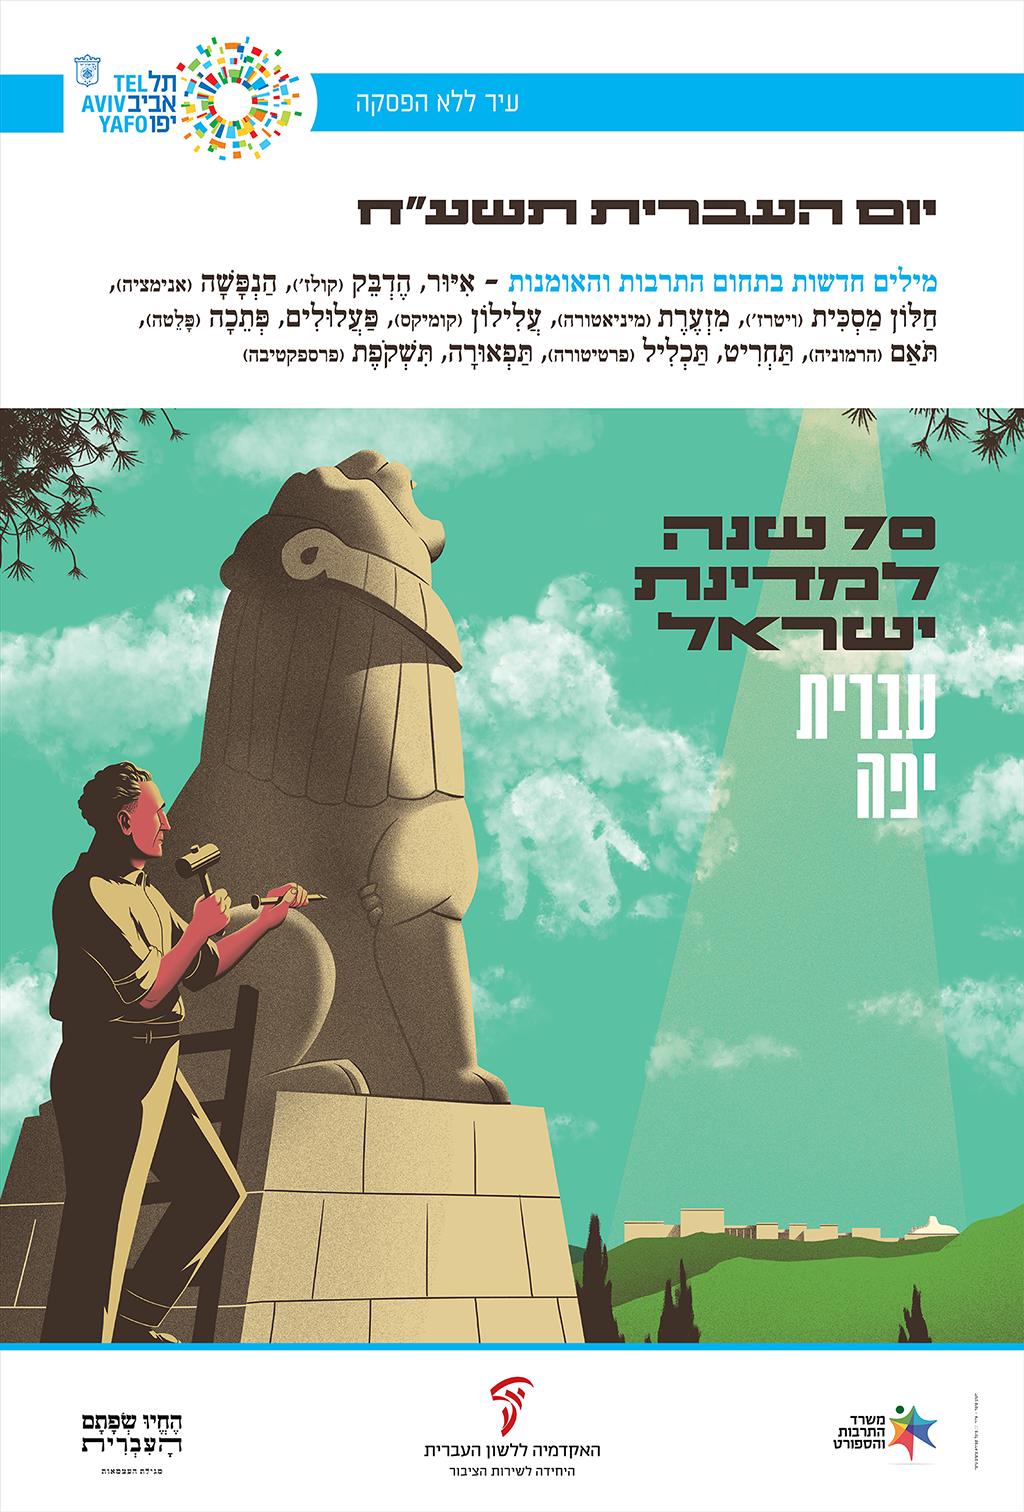 """כרזה ליום העברית תשע""""ח איור של מפסל מפסל אריה וכיתוב """"עברית יפה"""""""